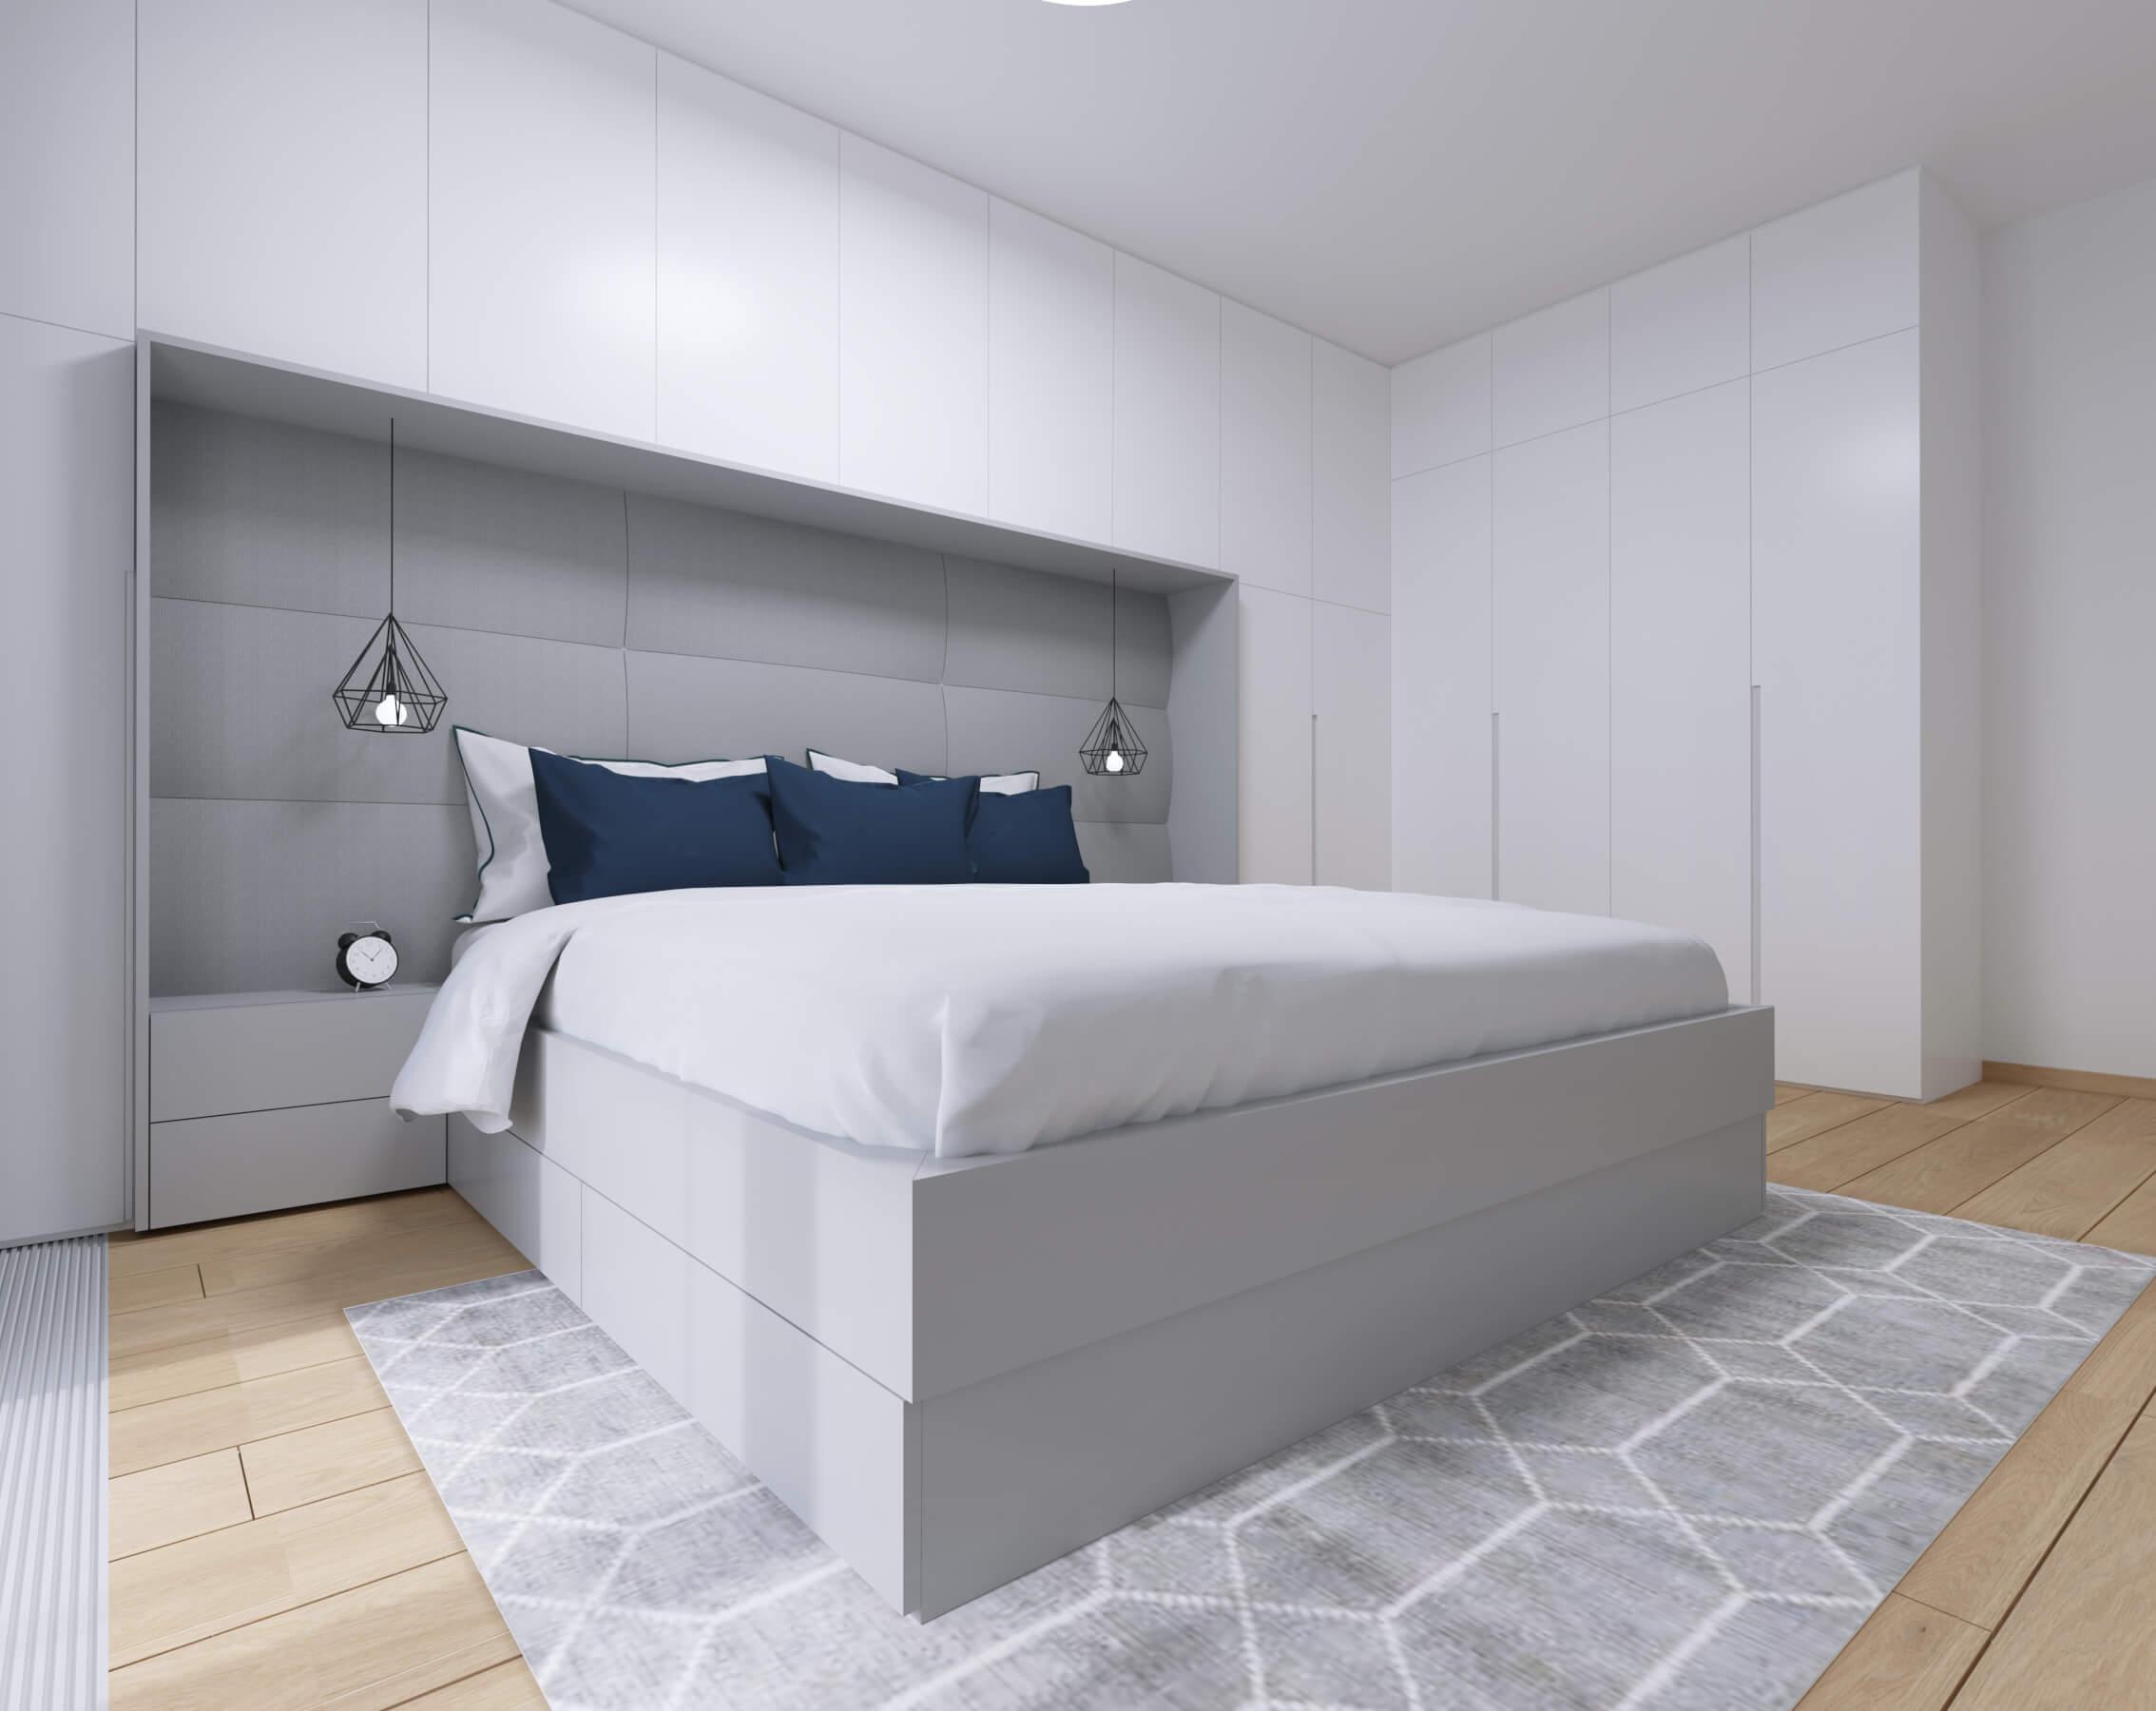 moderné zariadenie bytu spálňa projekt, vizualizácia